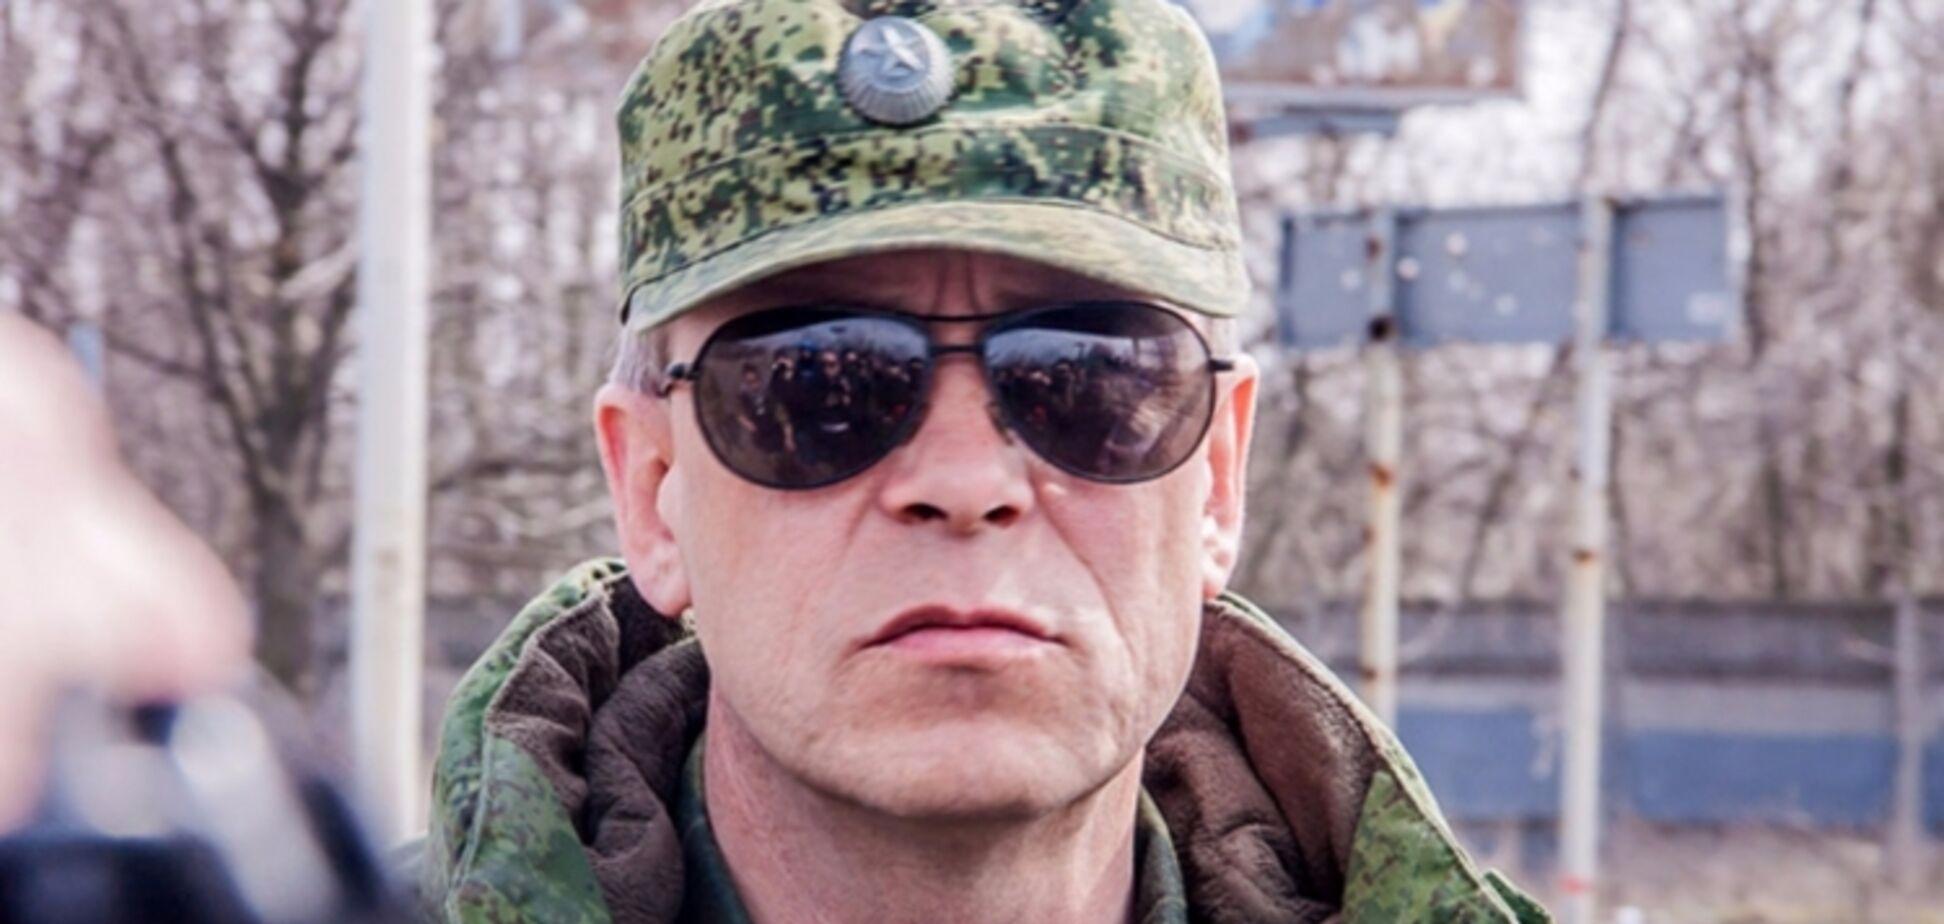 Ватажок 'ДНР' звинуватив НАТО в обстрілі окупованого міста